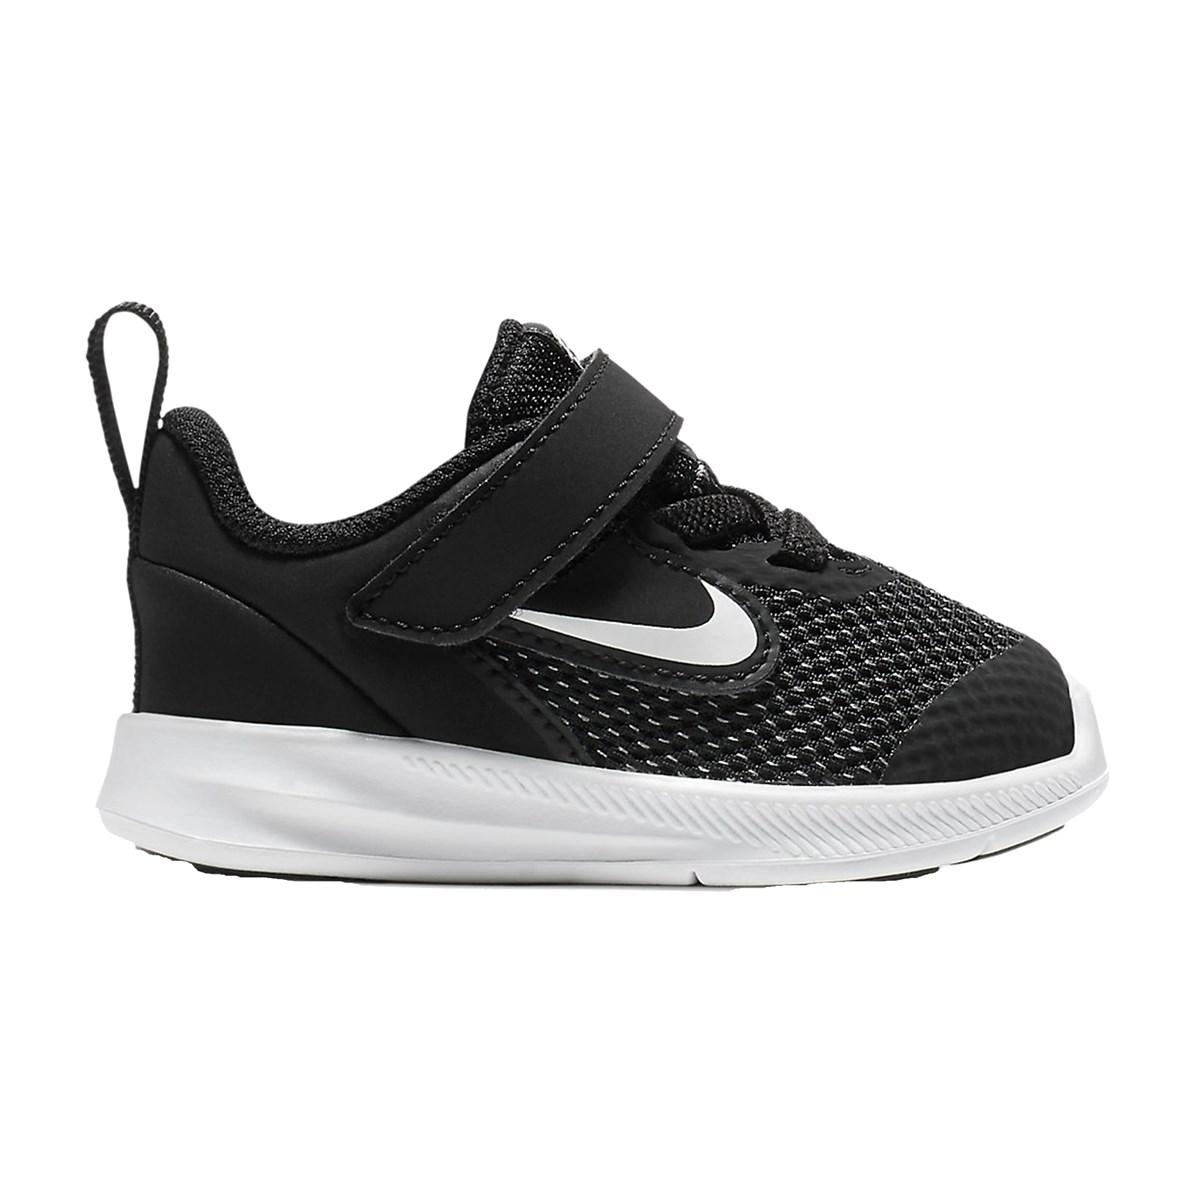 Downshifter 9 Çocuk Siyah Spor Ayakkabısı (AR4137-002)